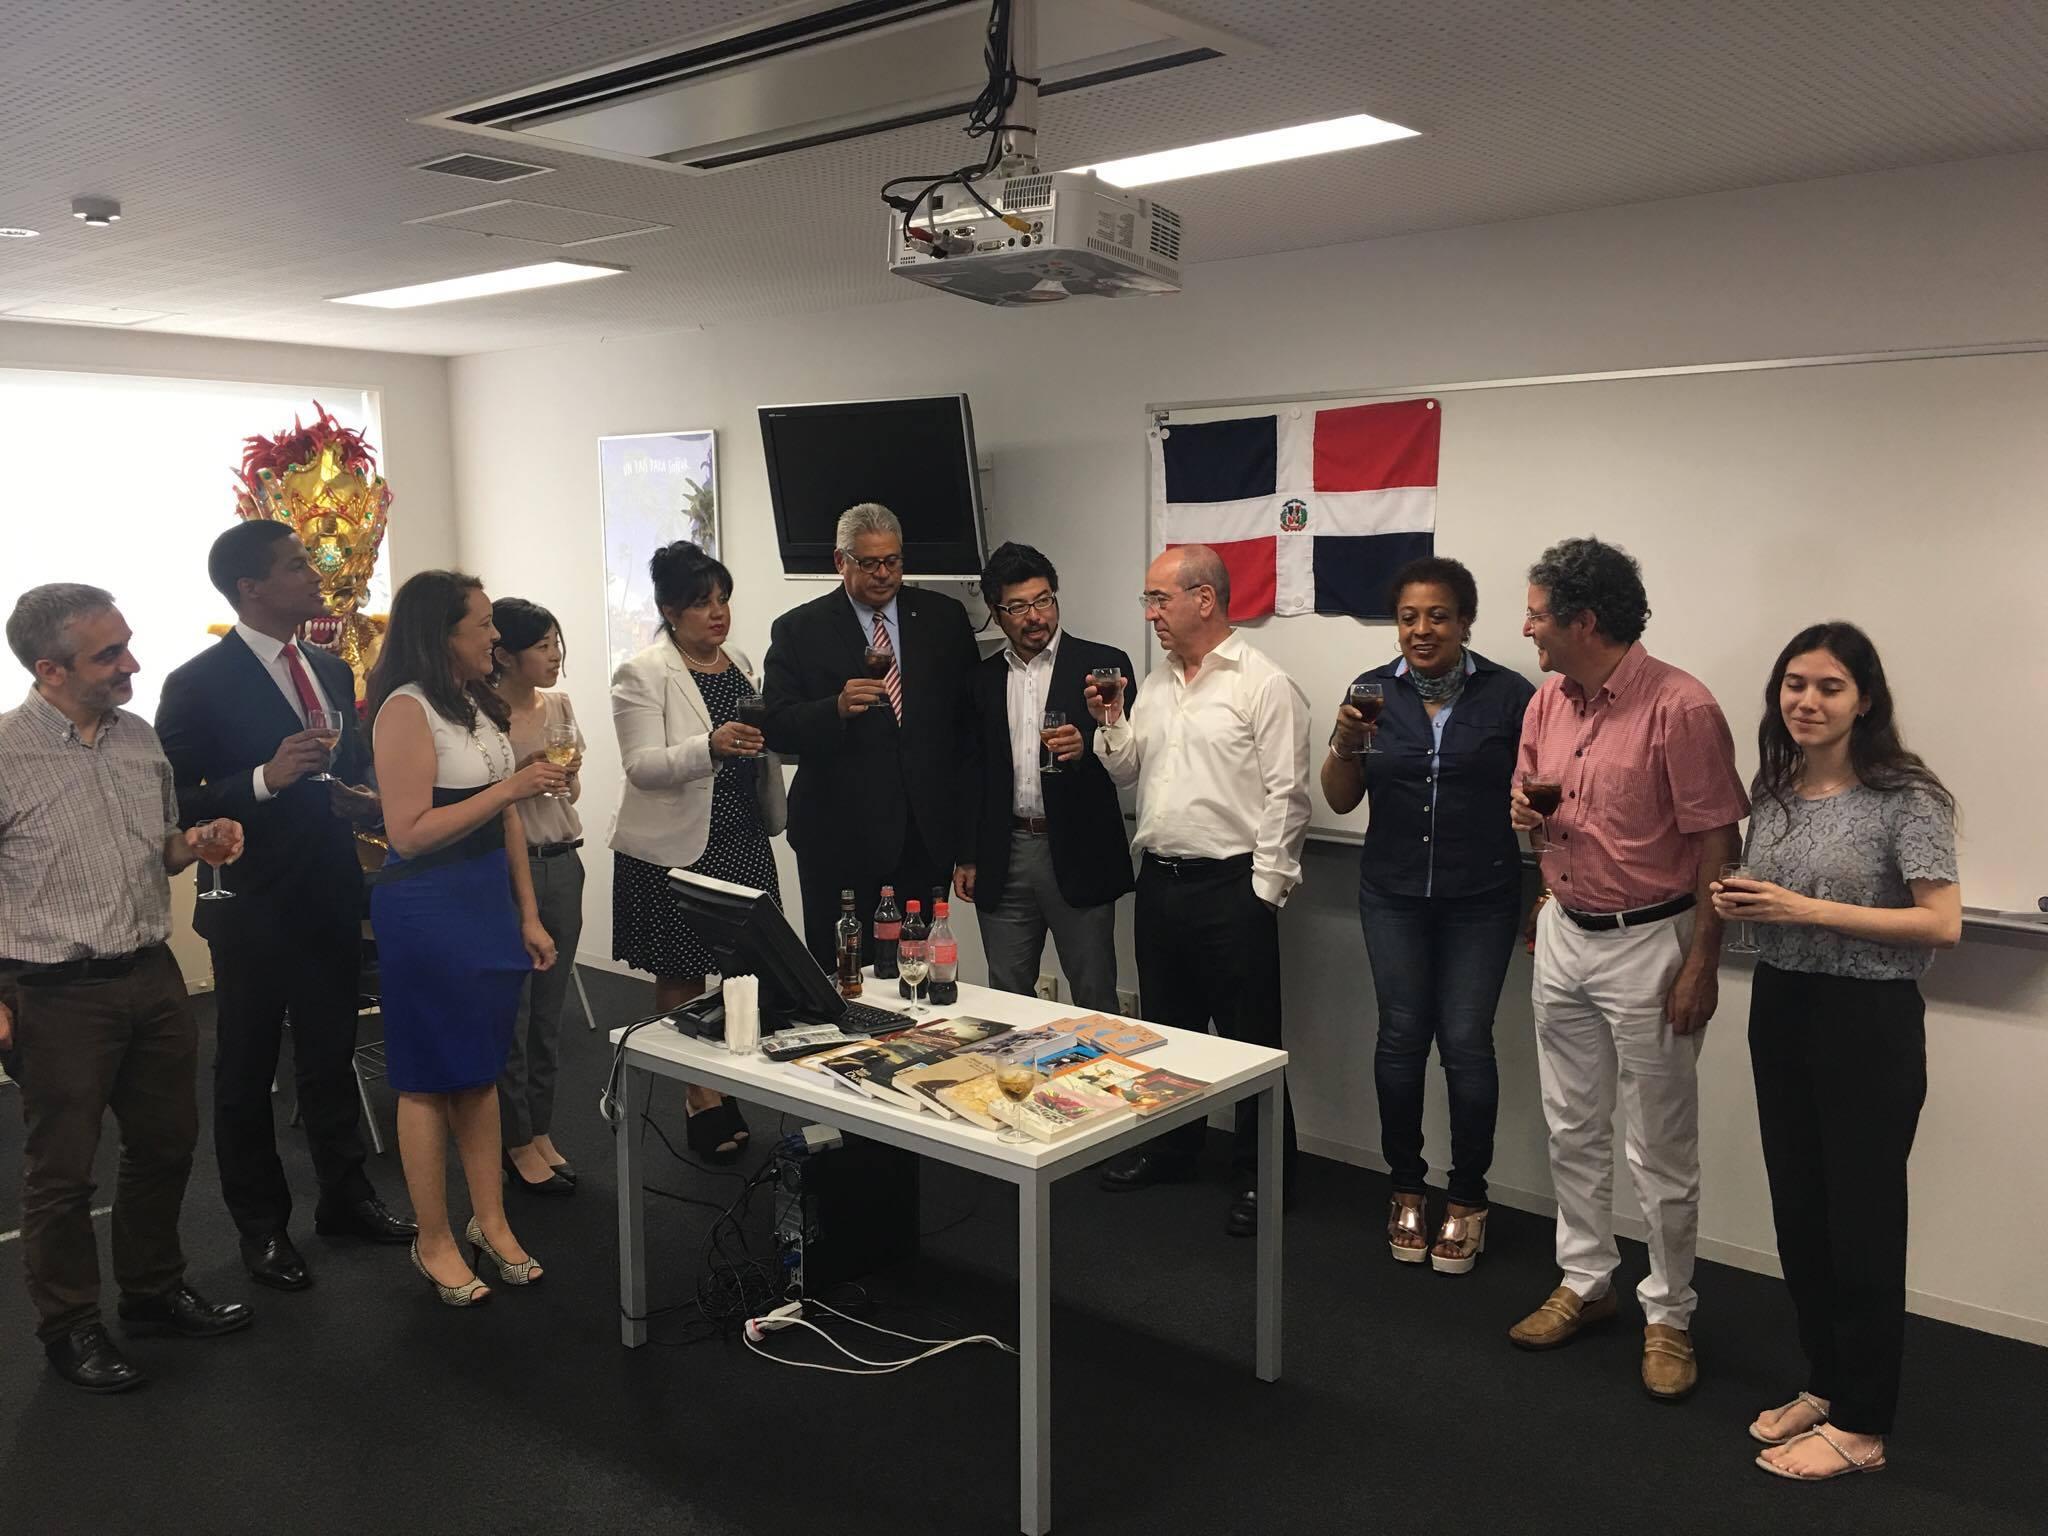 ドミニカ共和国の名が付いた教室がオープン! (¡Abierta de la aula dominicana en Instituto Cervantes!)